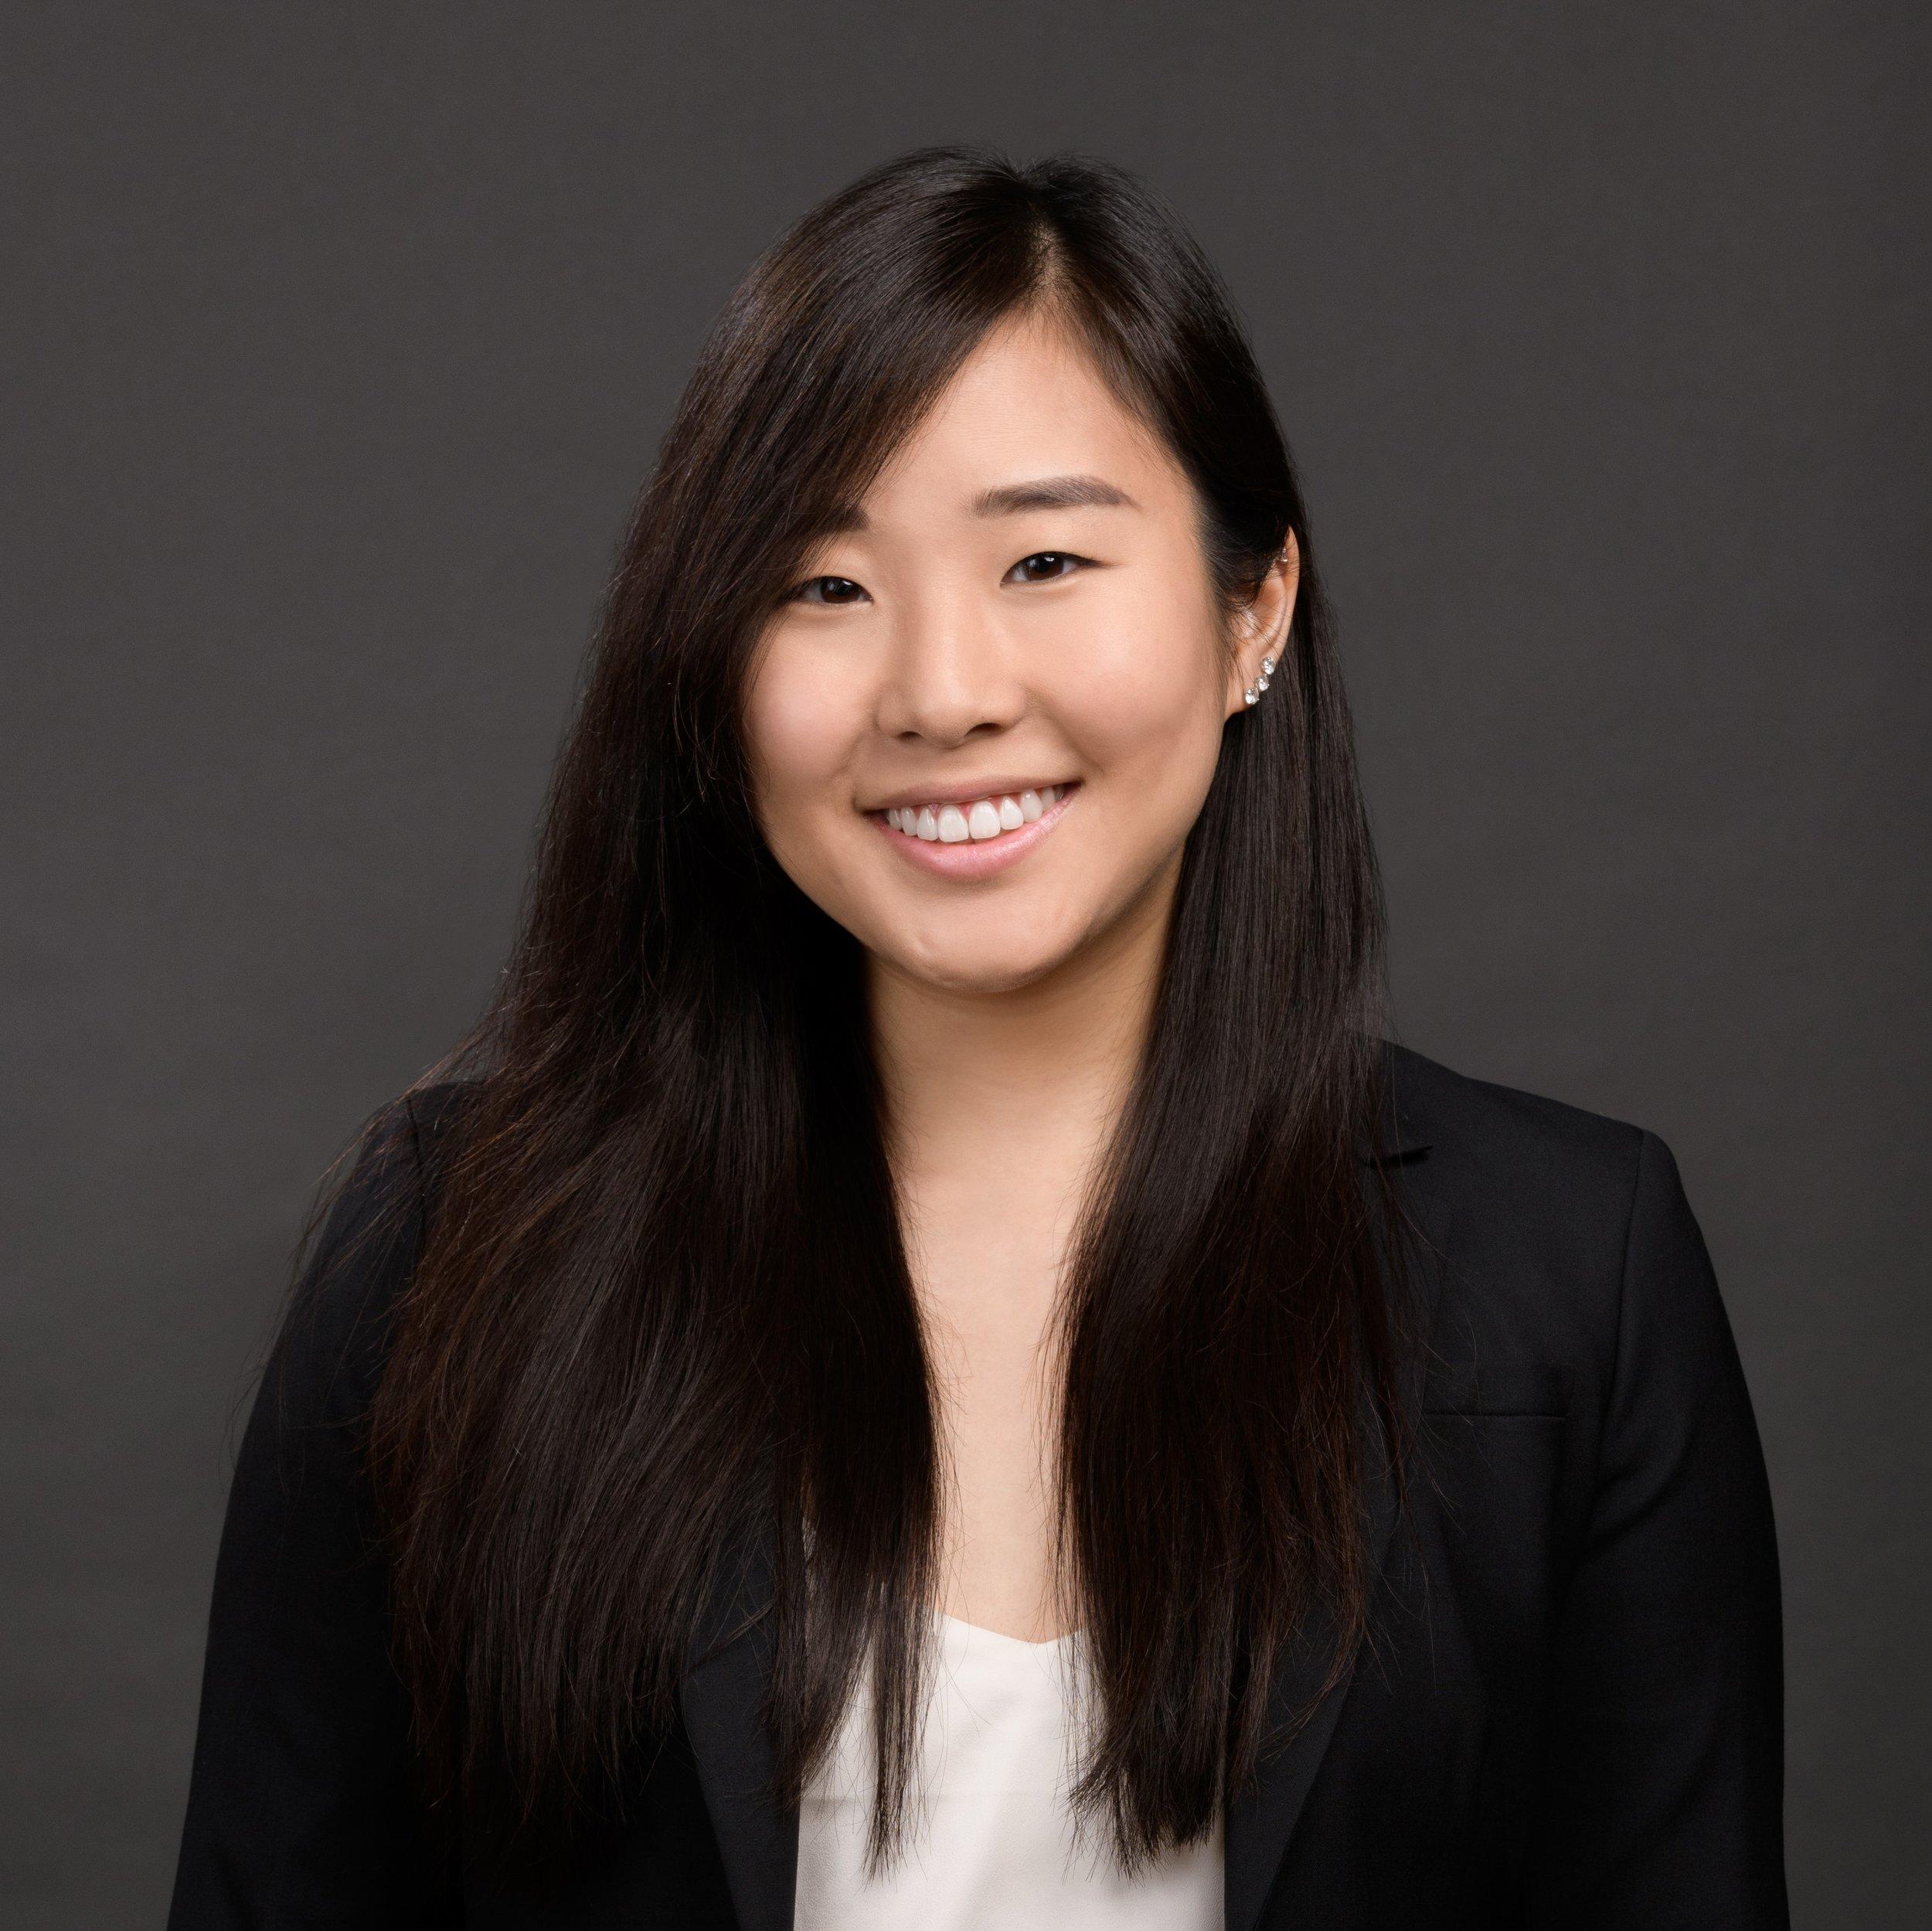 Irene Hong Headshot.jpg